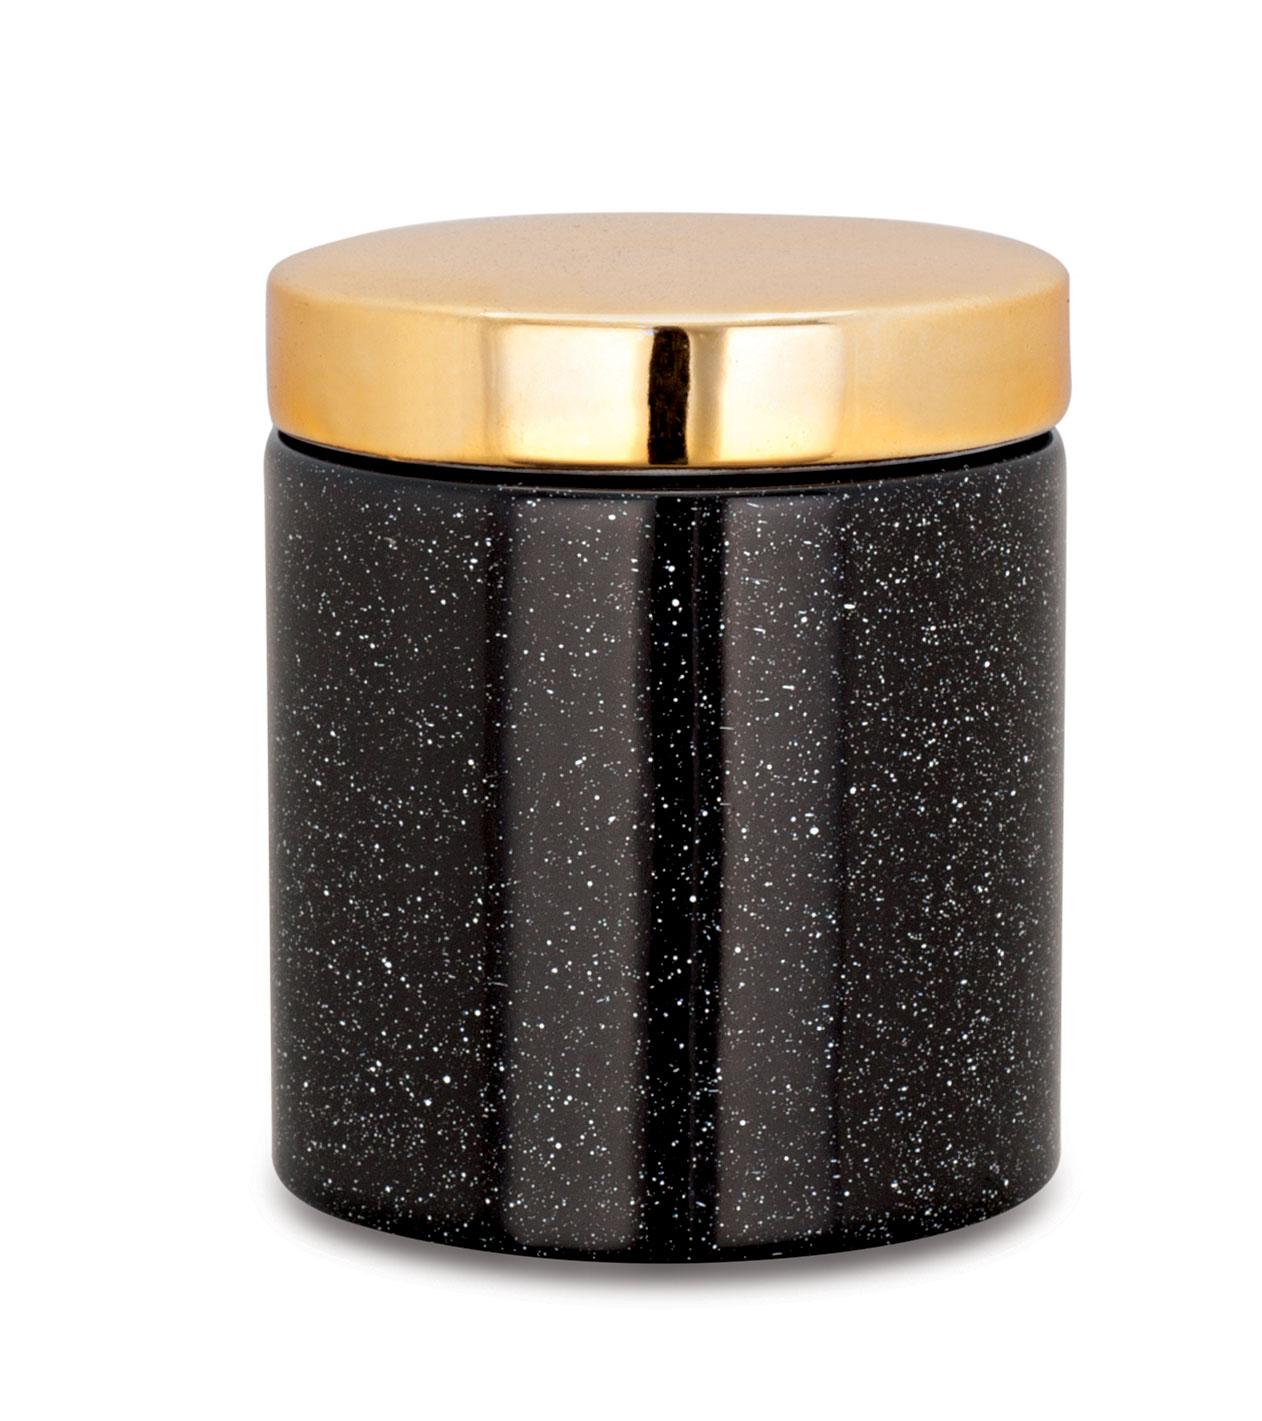 Pote preto e dourado em ceramica